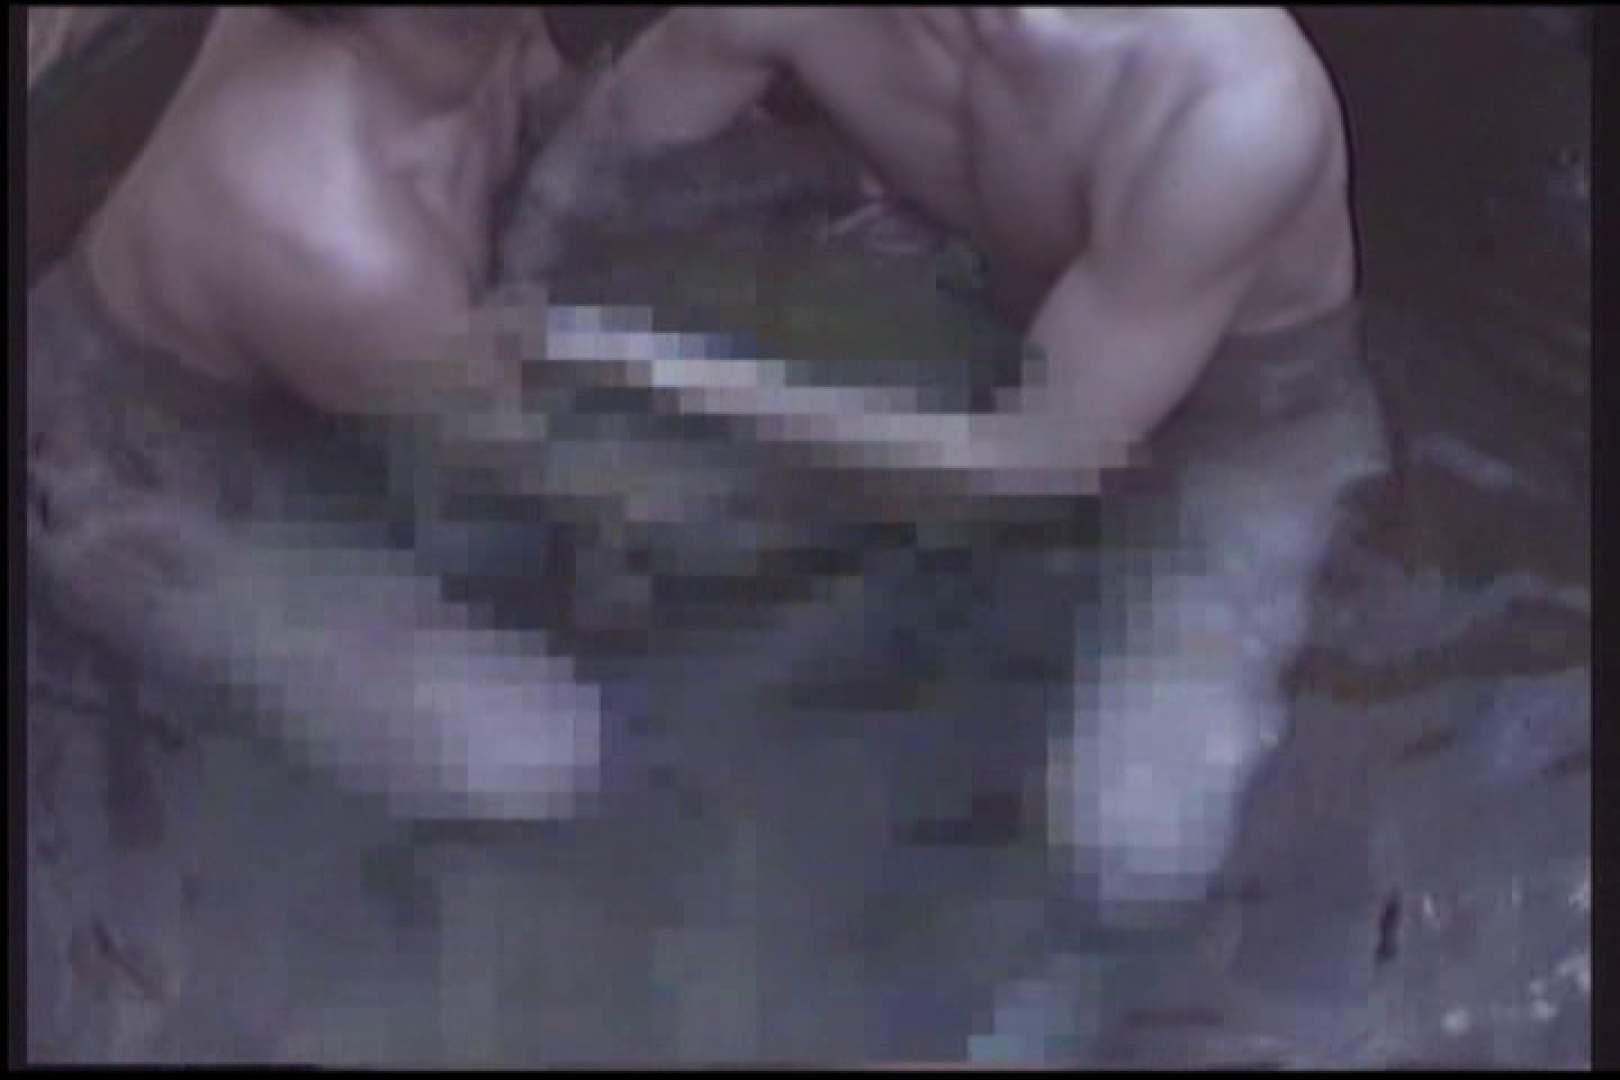 体育会系男子の銭湯合宿を覗いてみようvol.03 ガチムチマッチョ系 | 男天国  58pic 44